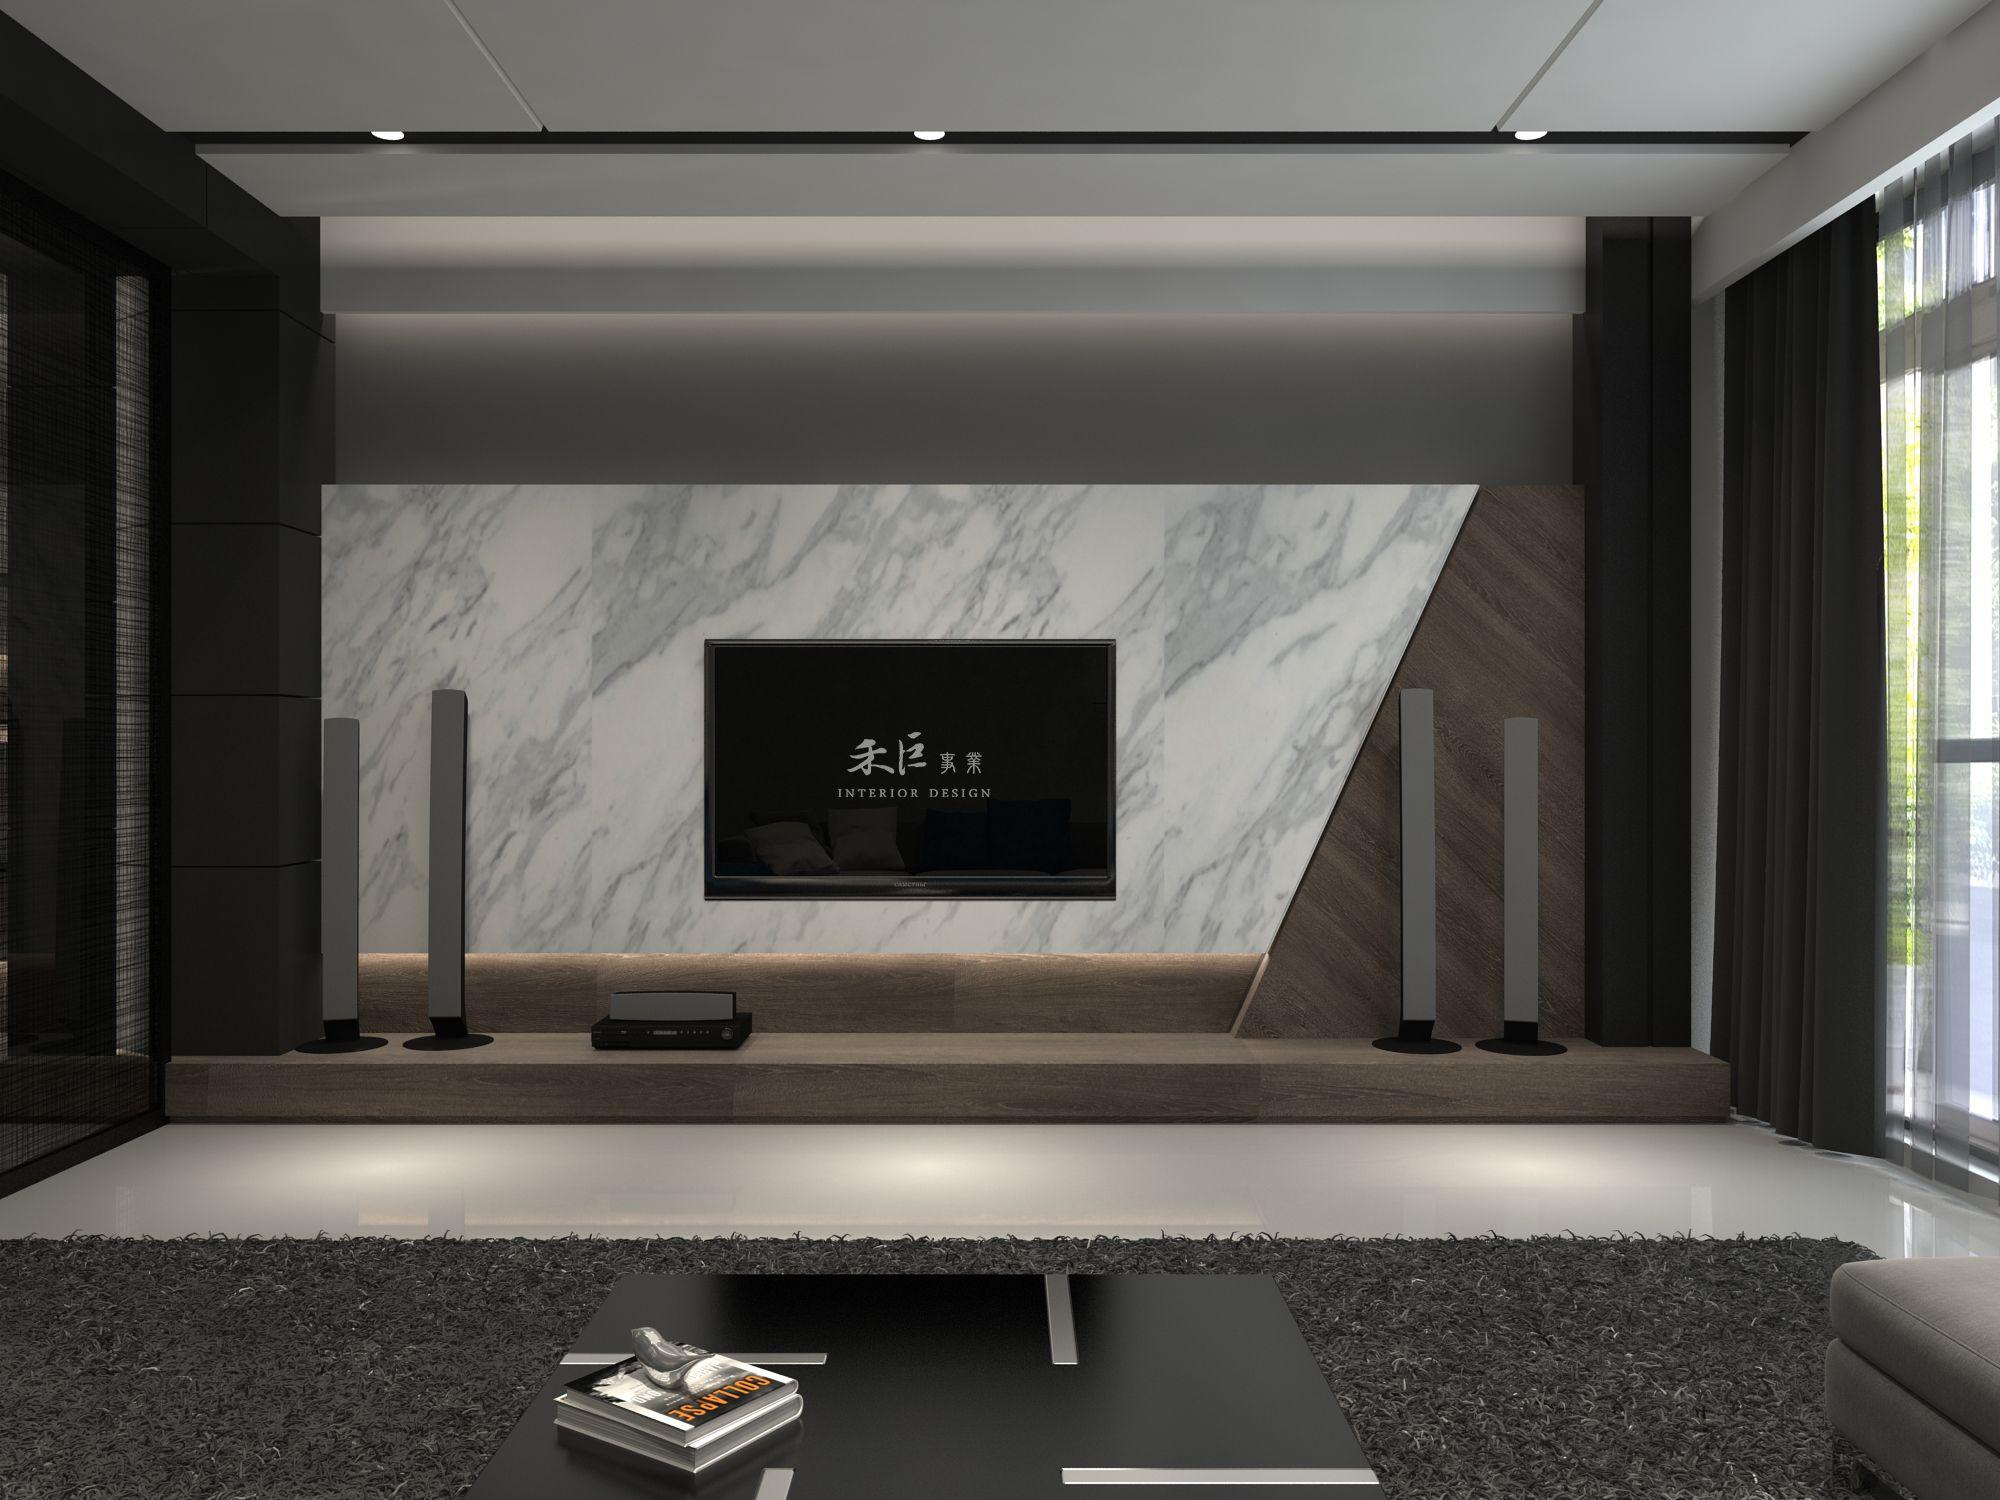 Interior design nterior e gn tv - Interior design living room cabinets ...